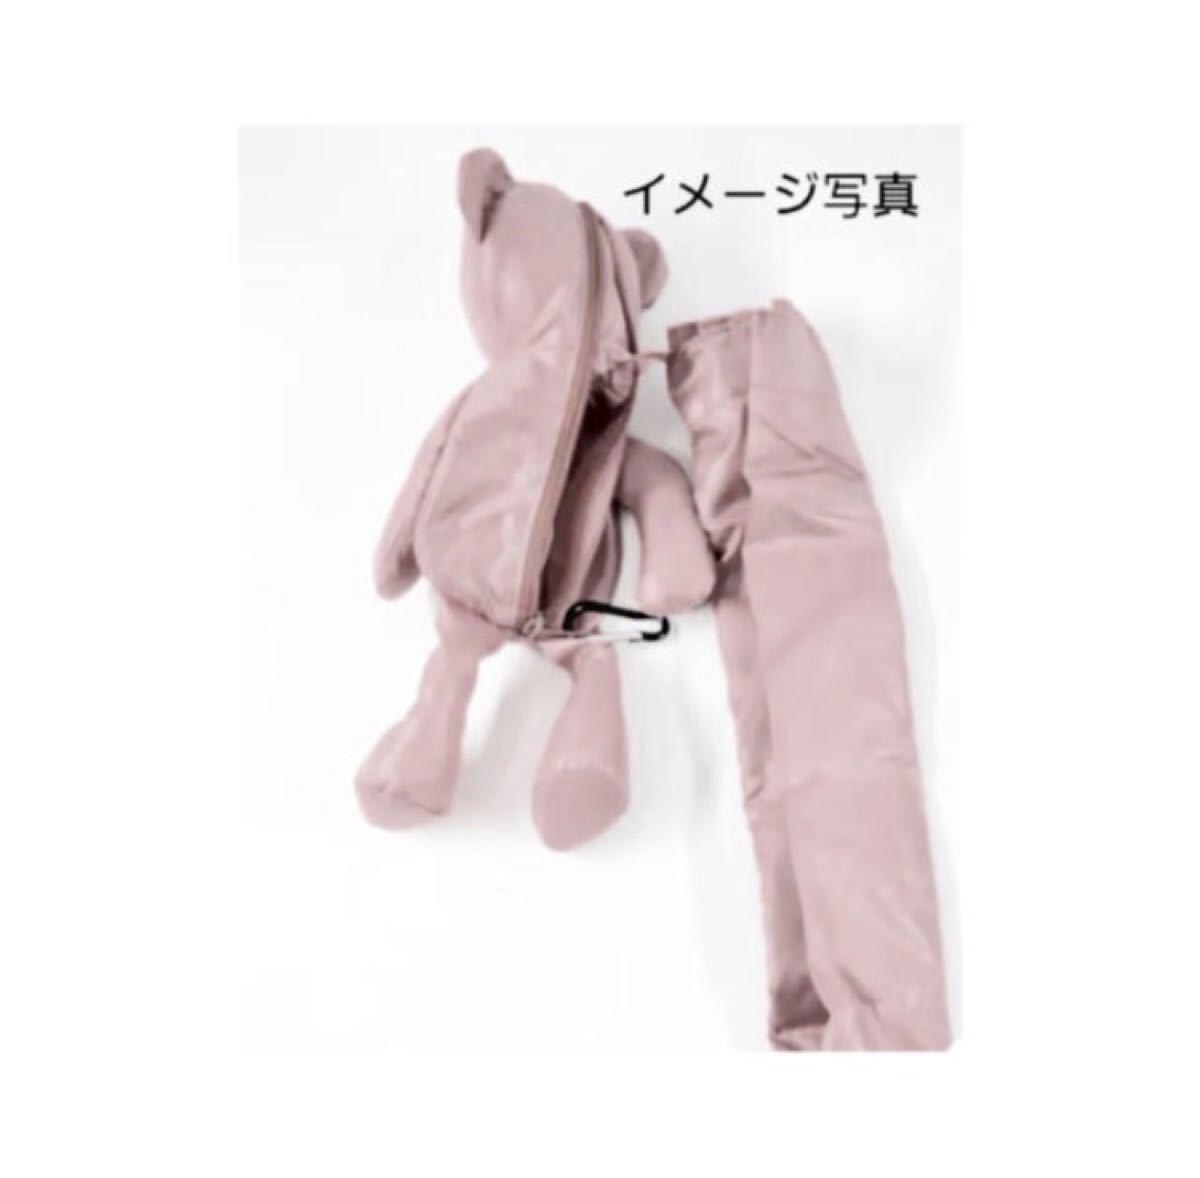 #エコバッグ #折り畳み #ナイロントート #エコバッグ #コンパクト#ピンク